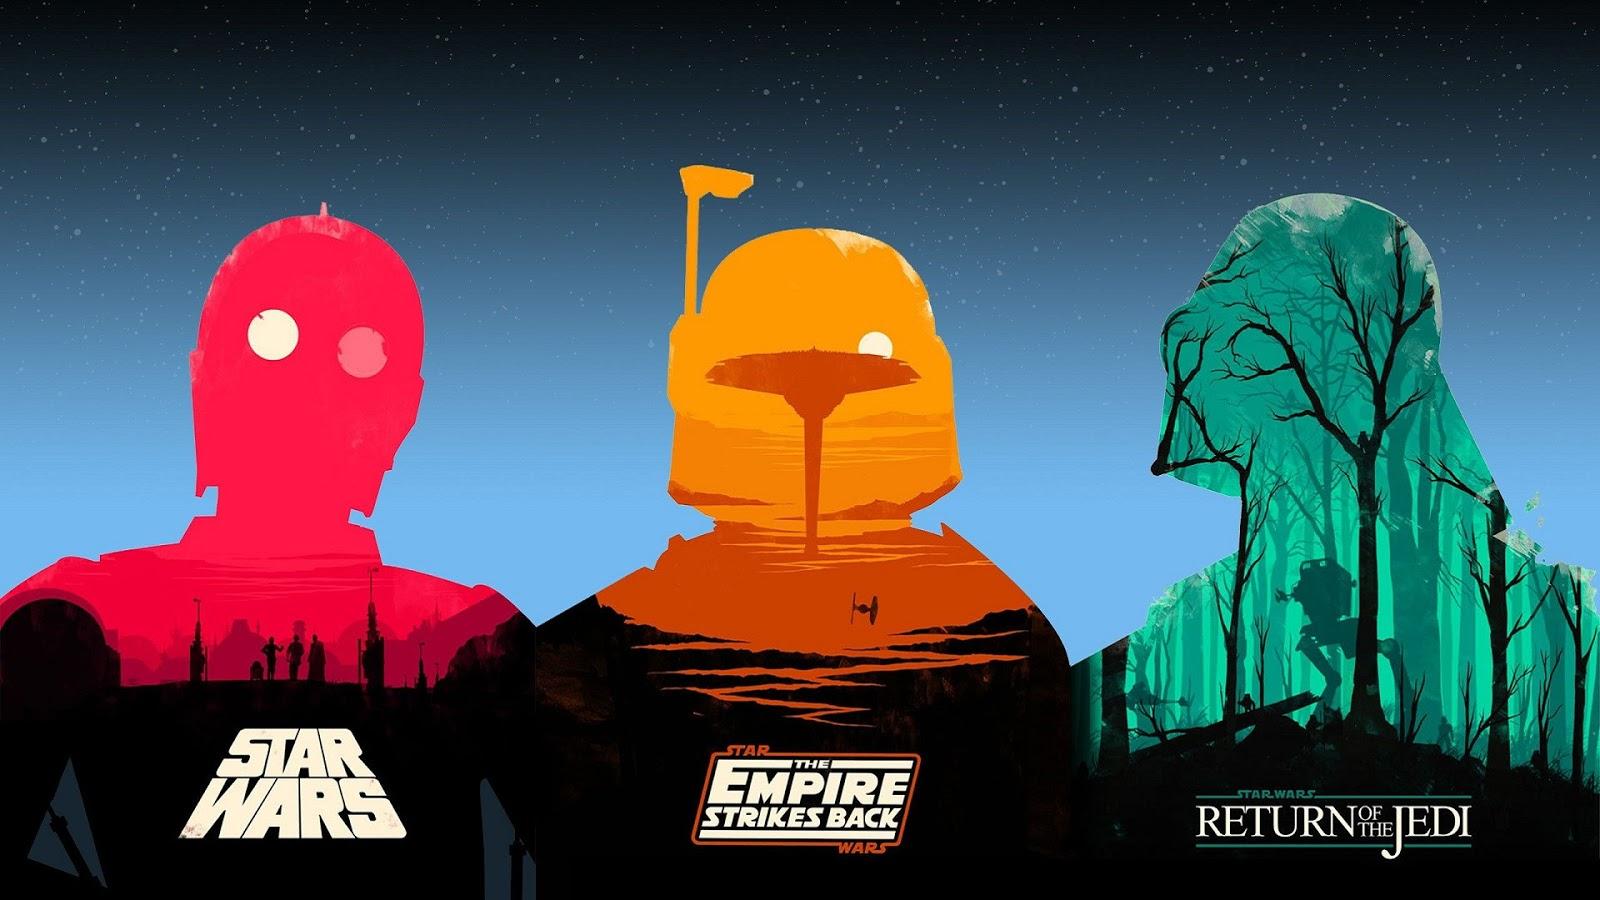 50 Star Wars Wallpapers Hd 4k 2019 Topxbestlist Part 3